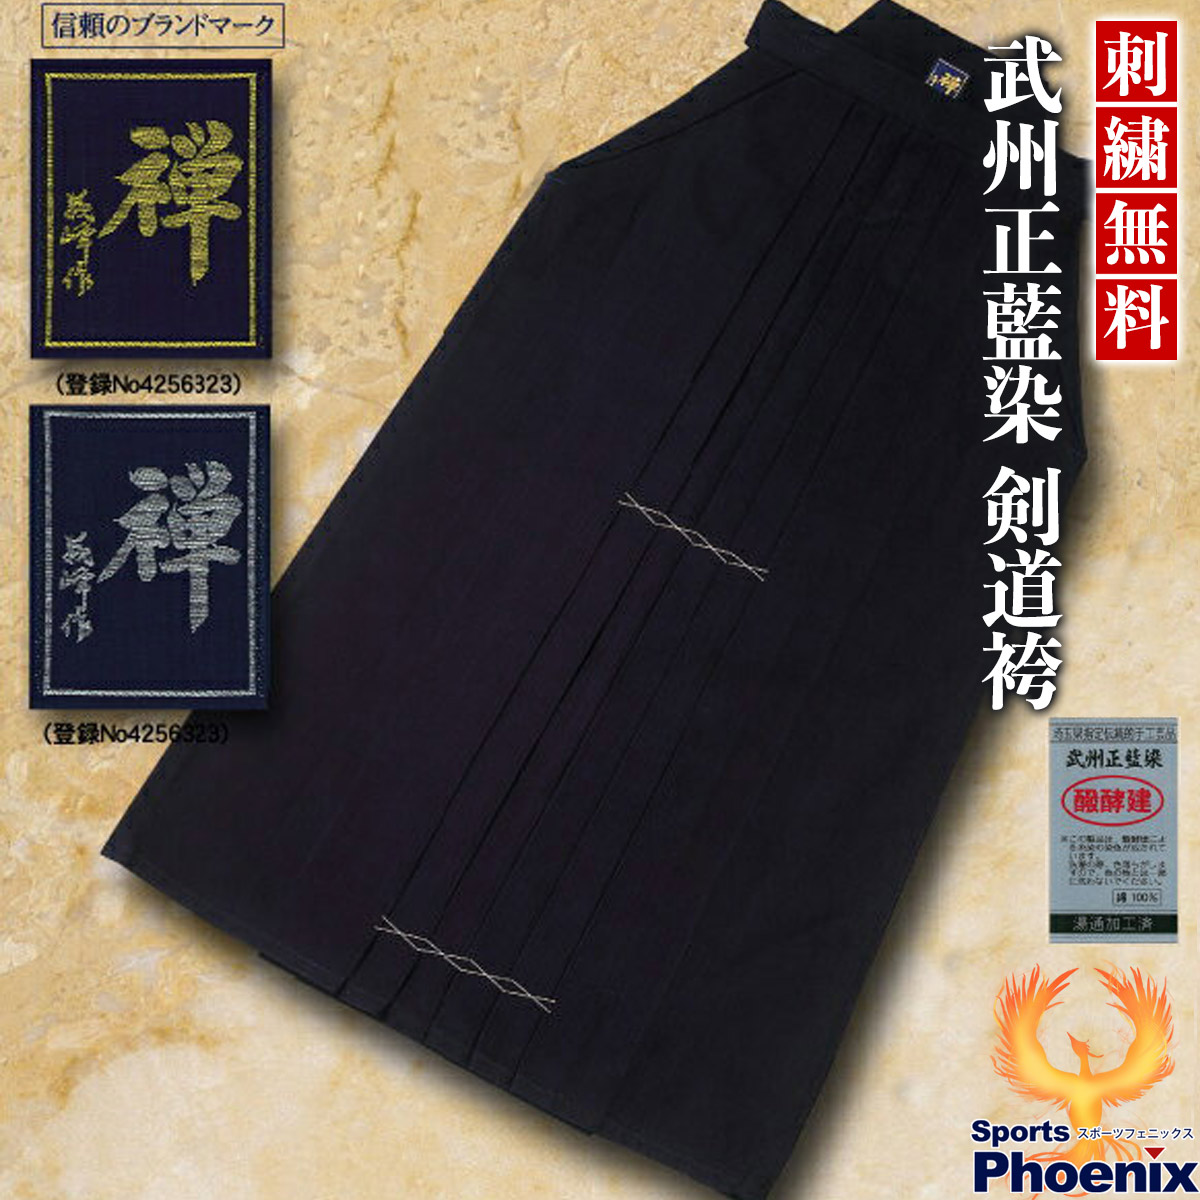 剣道袴 禅 義峰作 ♯8800銀印27~27.5 最高峰 日本製